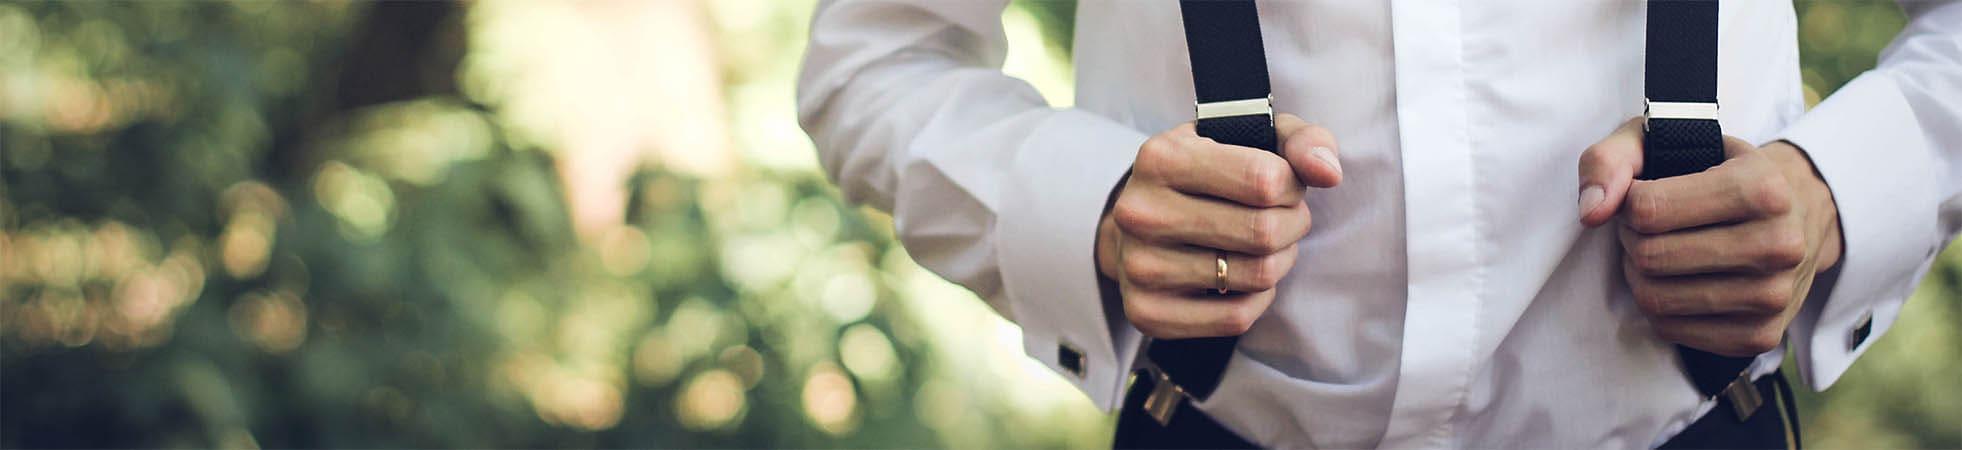 Men's Suspenders / Braces